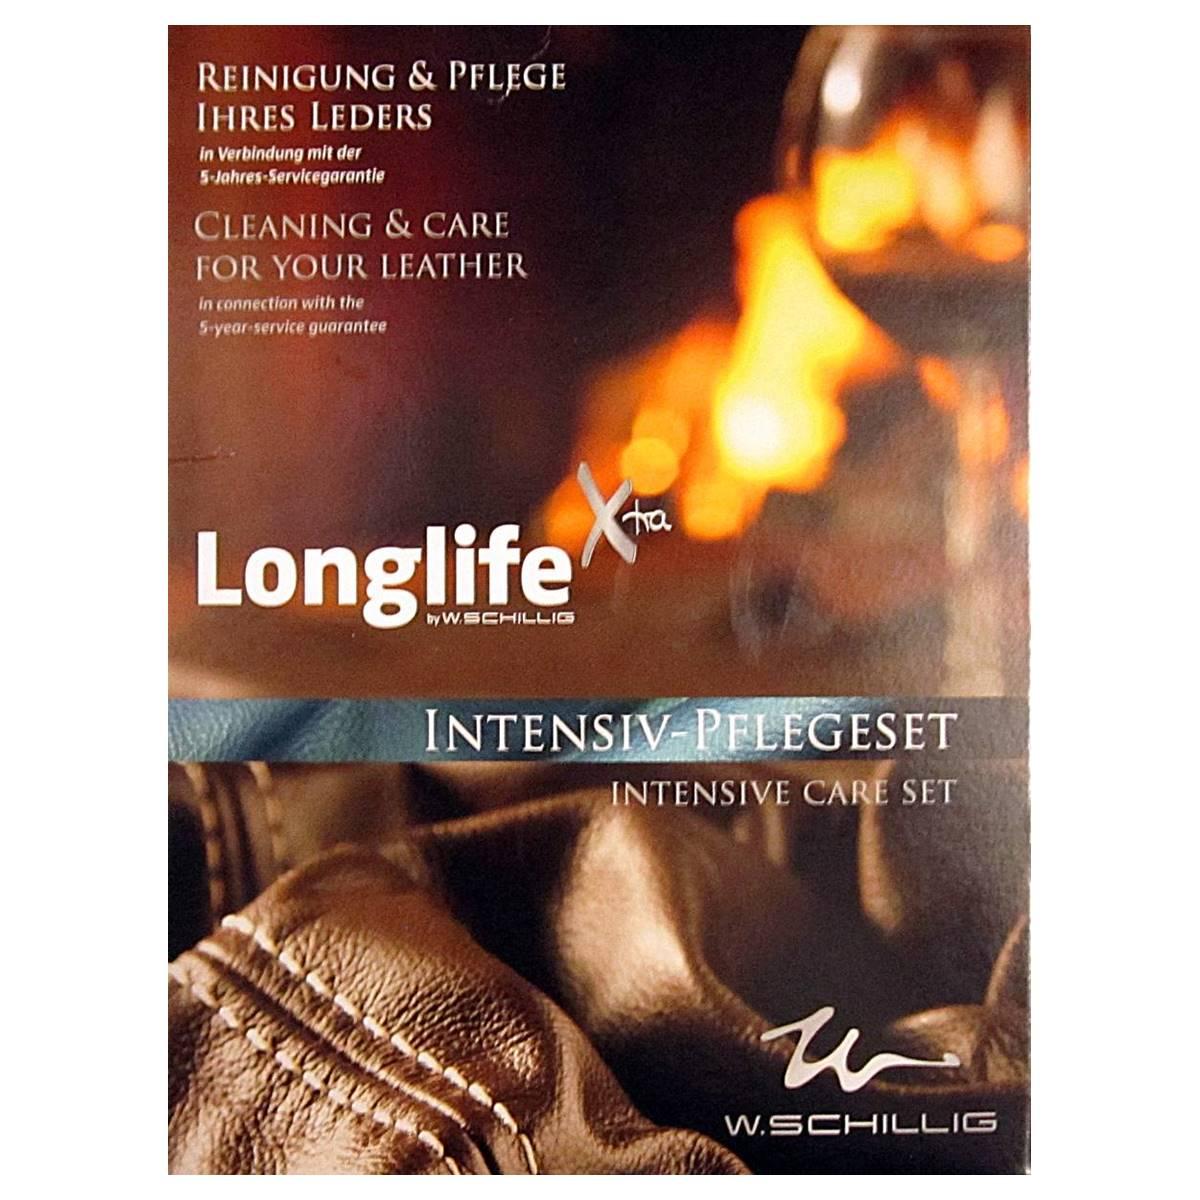 W. Schillig Longlife Intensiv-Pflegeset